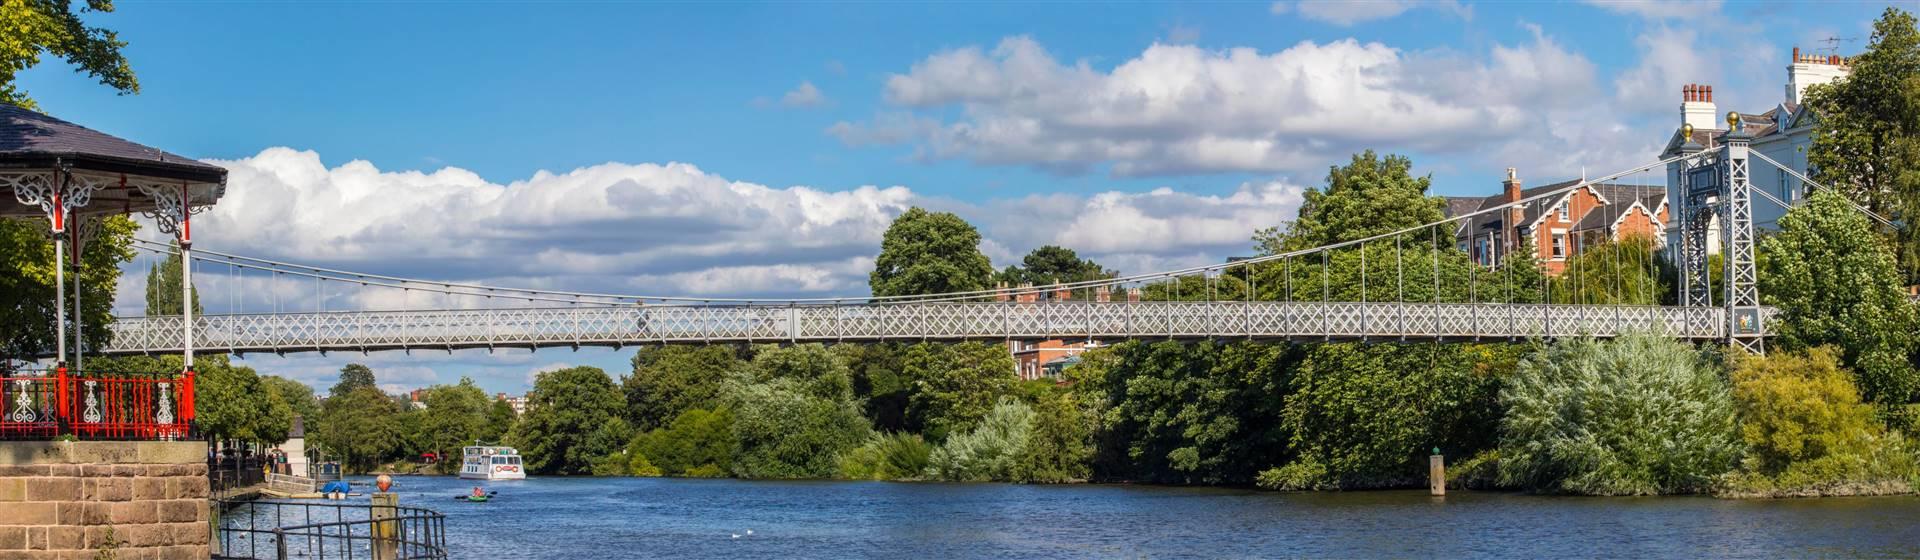 """<img src=""""riverdeepan-shutterstock.jpeg"""" alt=""""River Dee Bridge""""/>"""